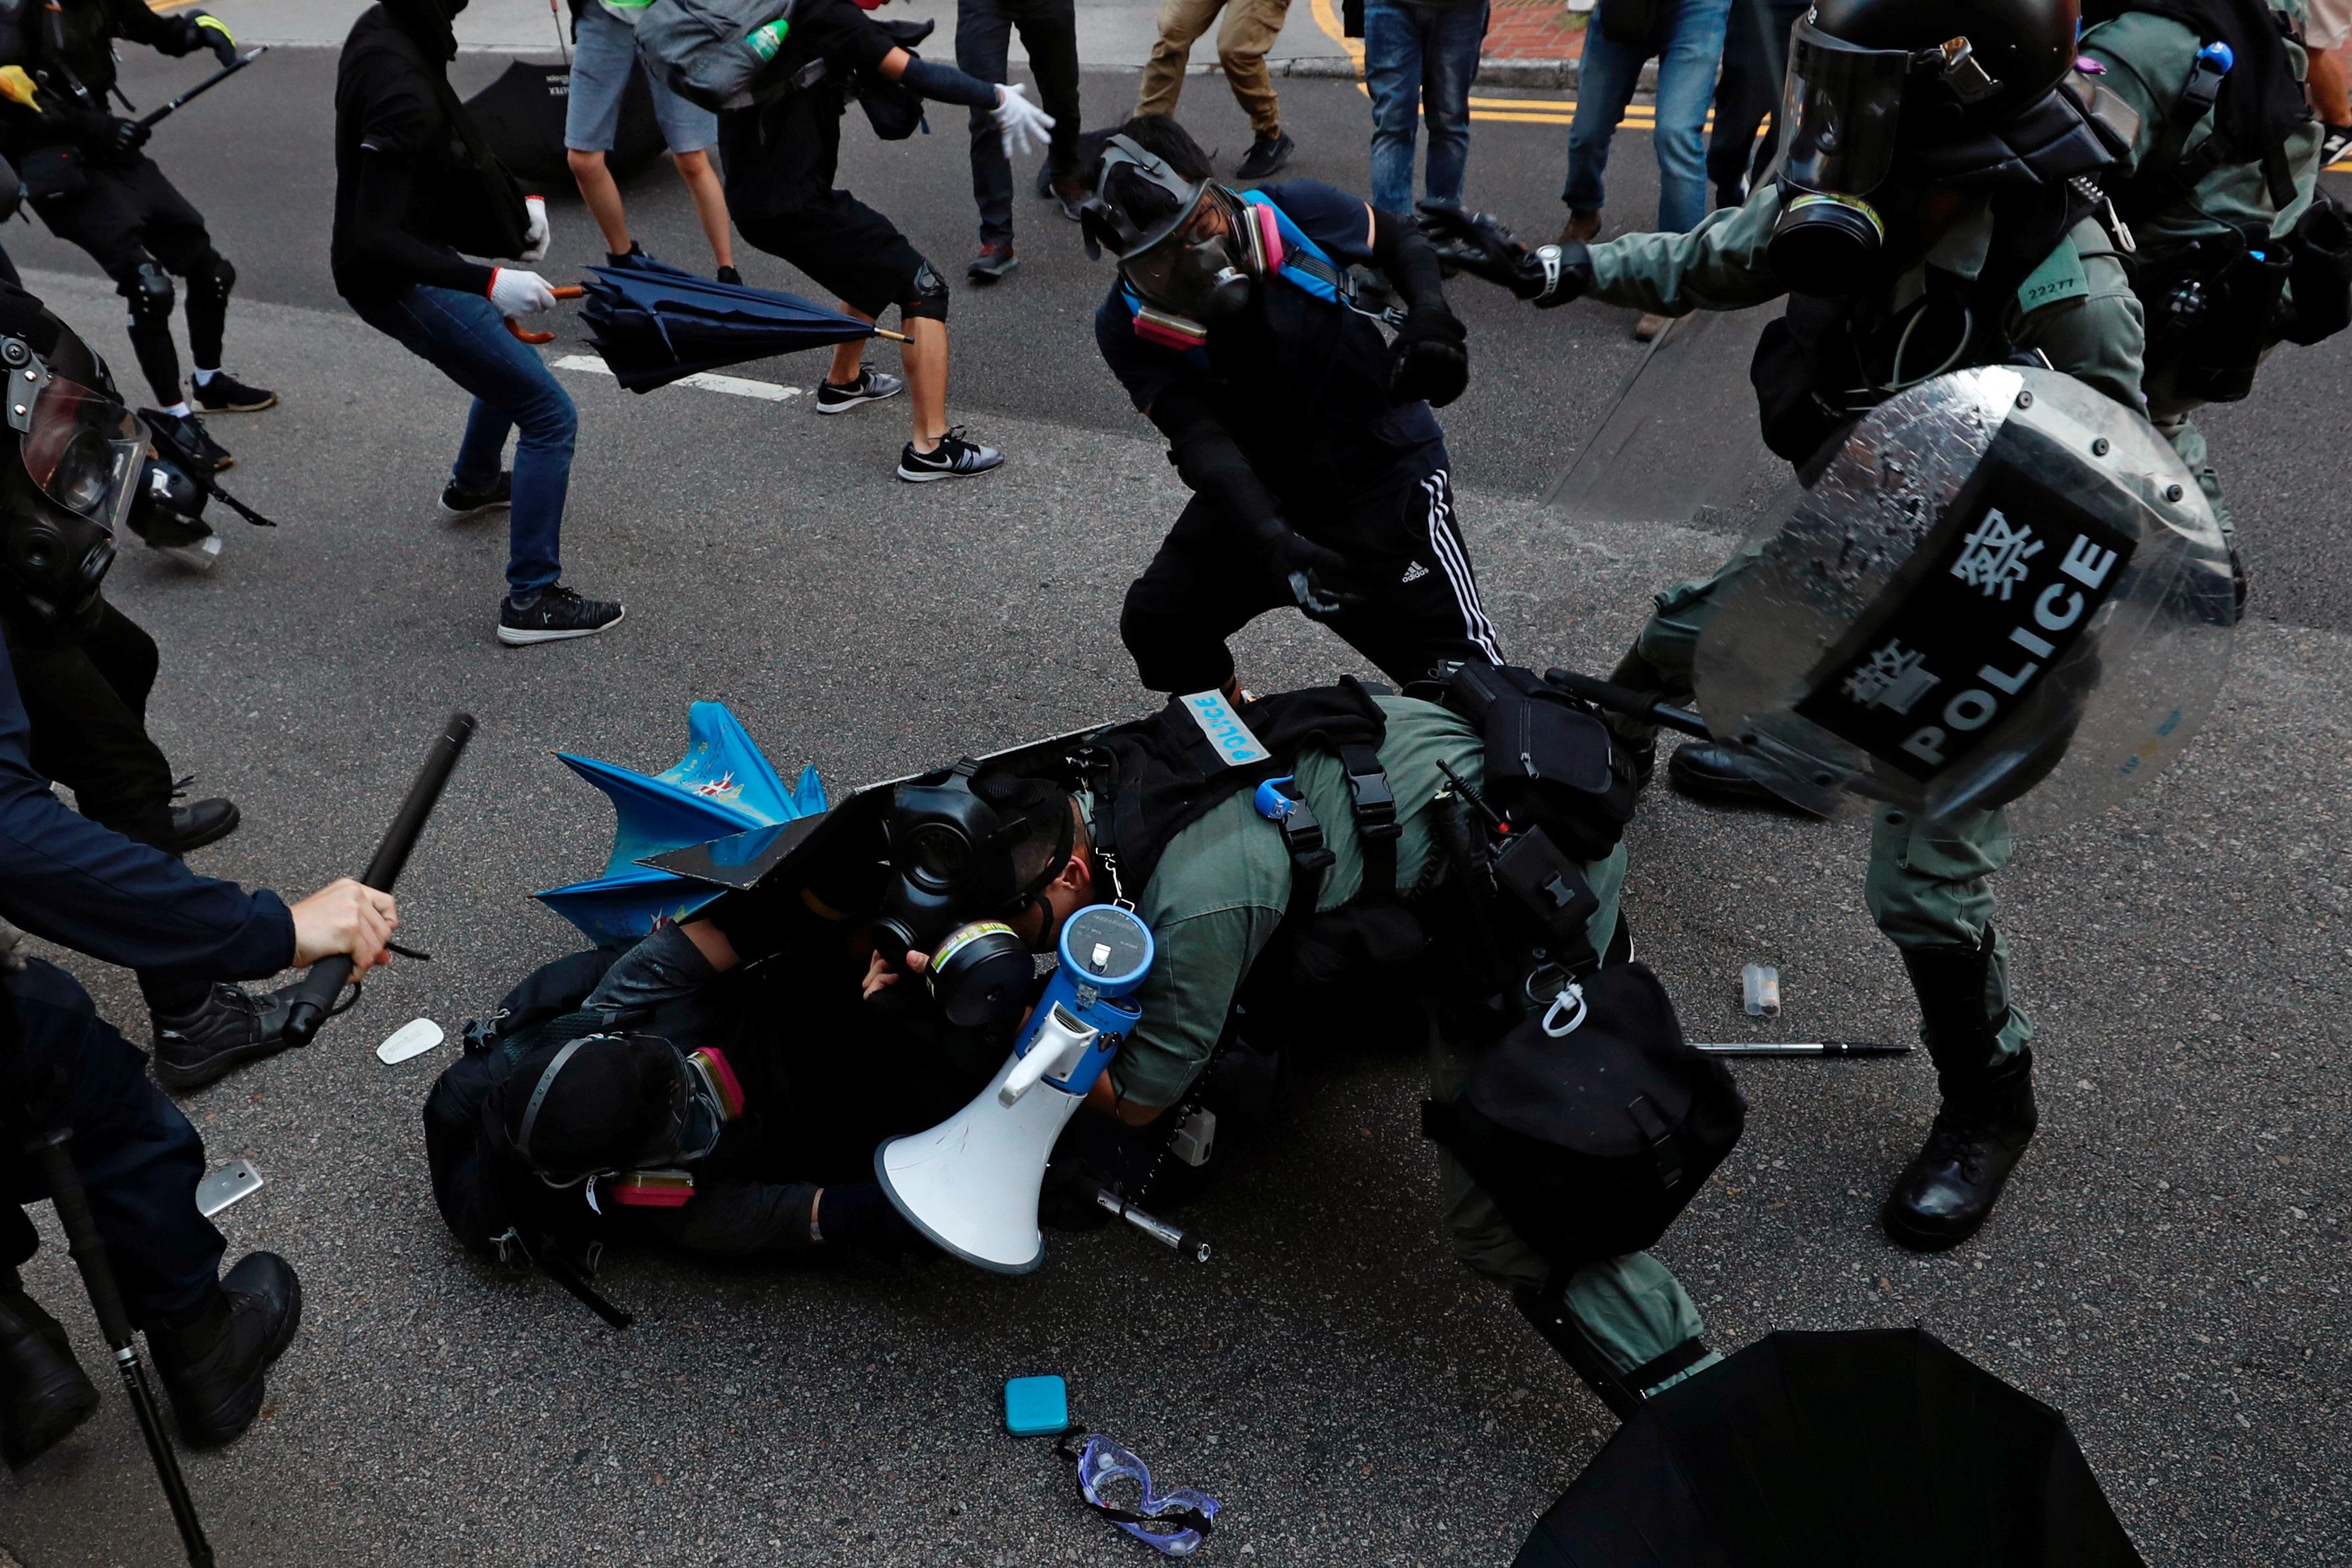 Χονγκ Κονγκ: Ένταση, δακρυγόνα και βόμβες μολότοφ σε αντικυβερνητική διαδήλωση!